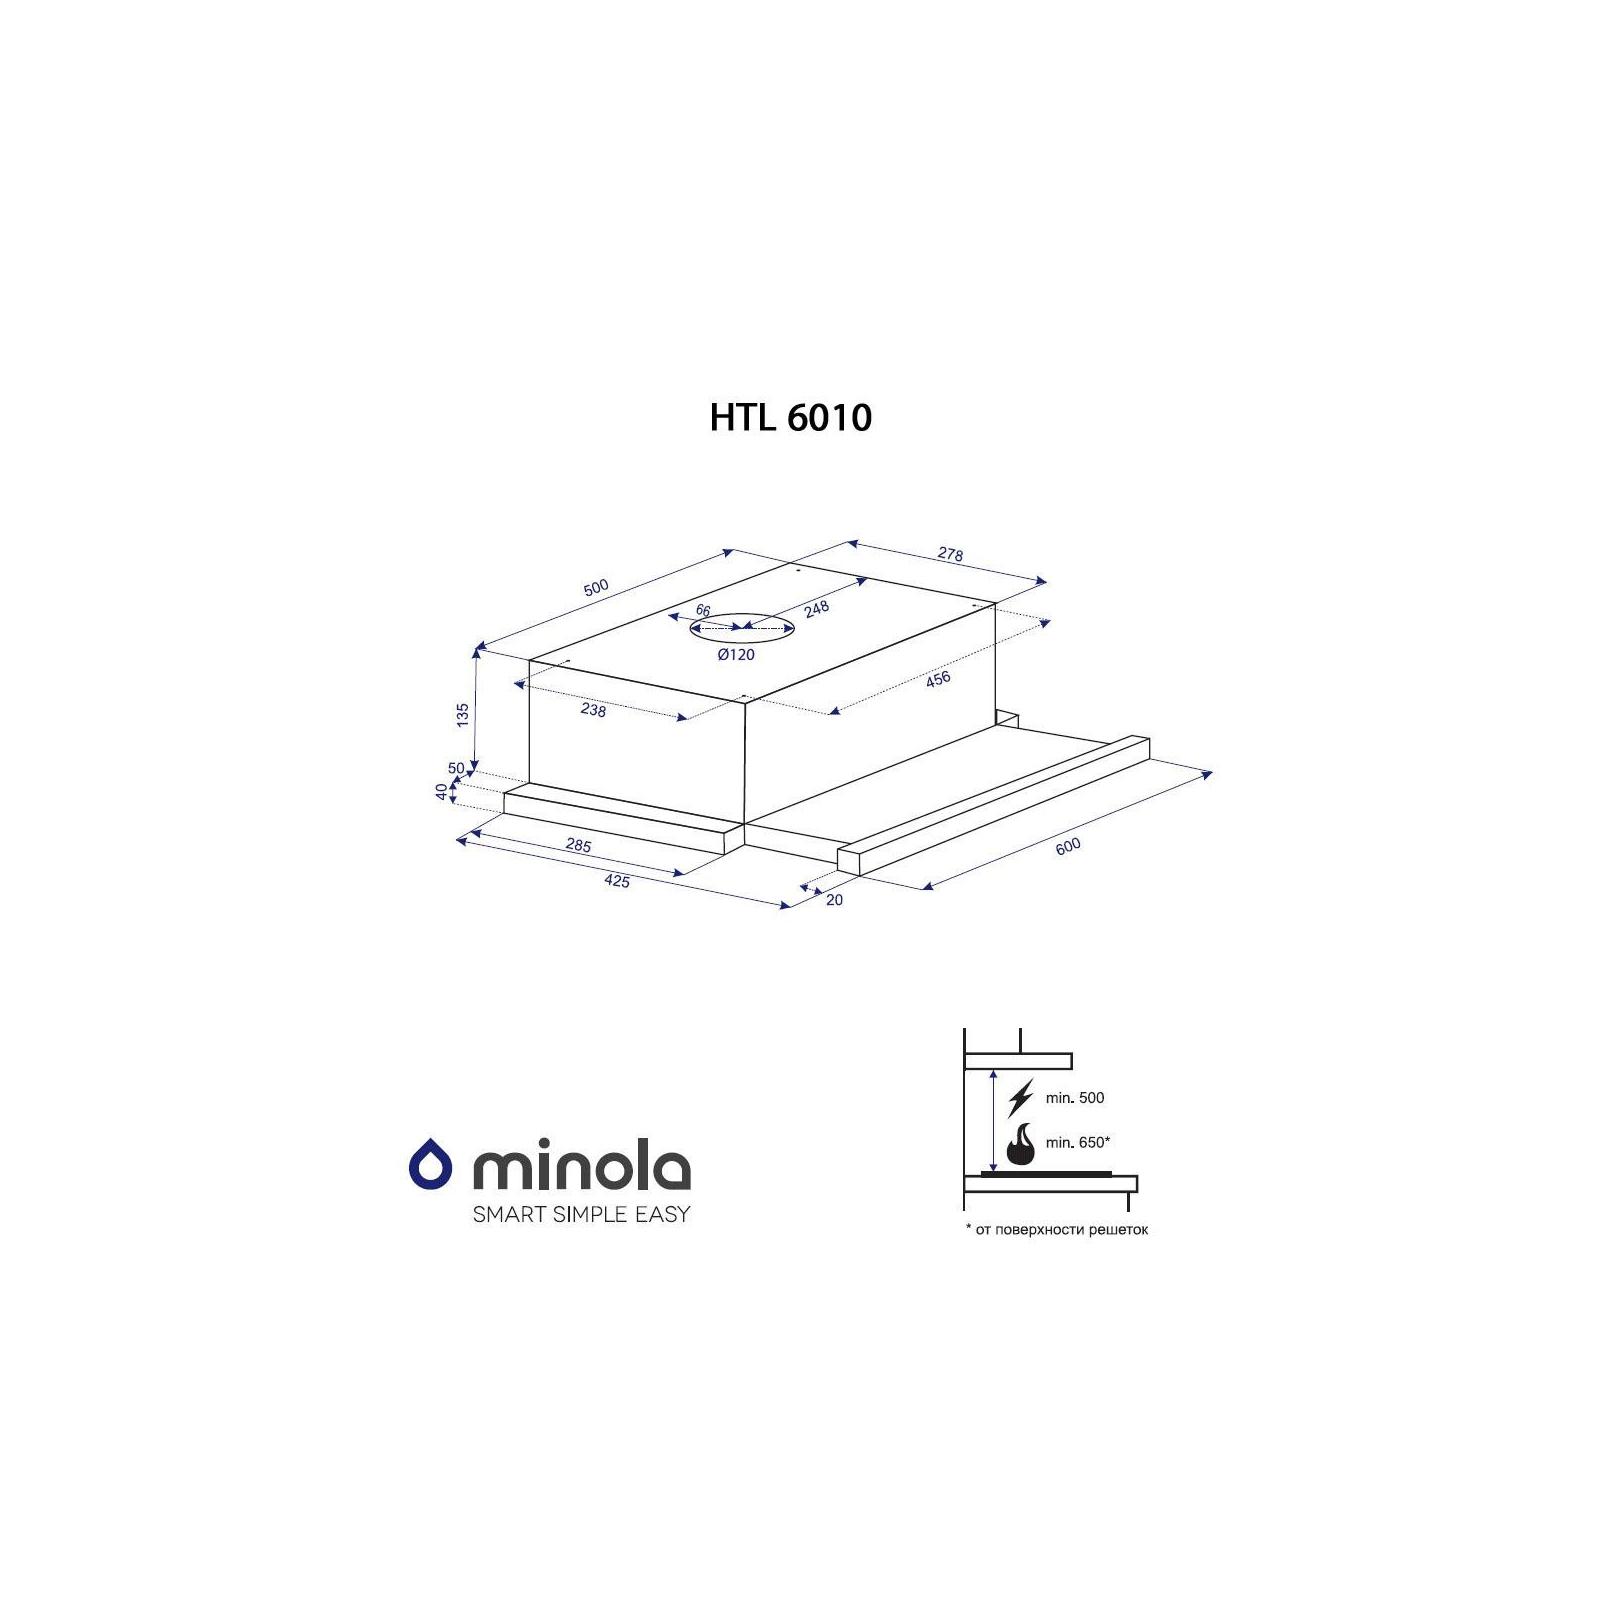 Вытяжка кухонная MINOLA HTL 6010 BR 430 изображение 6